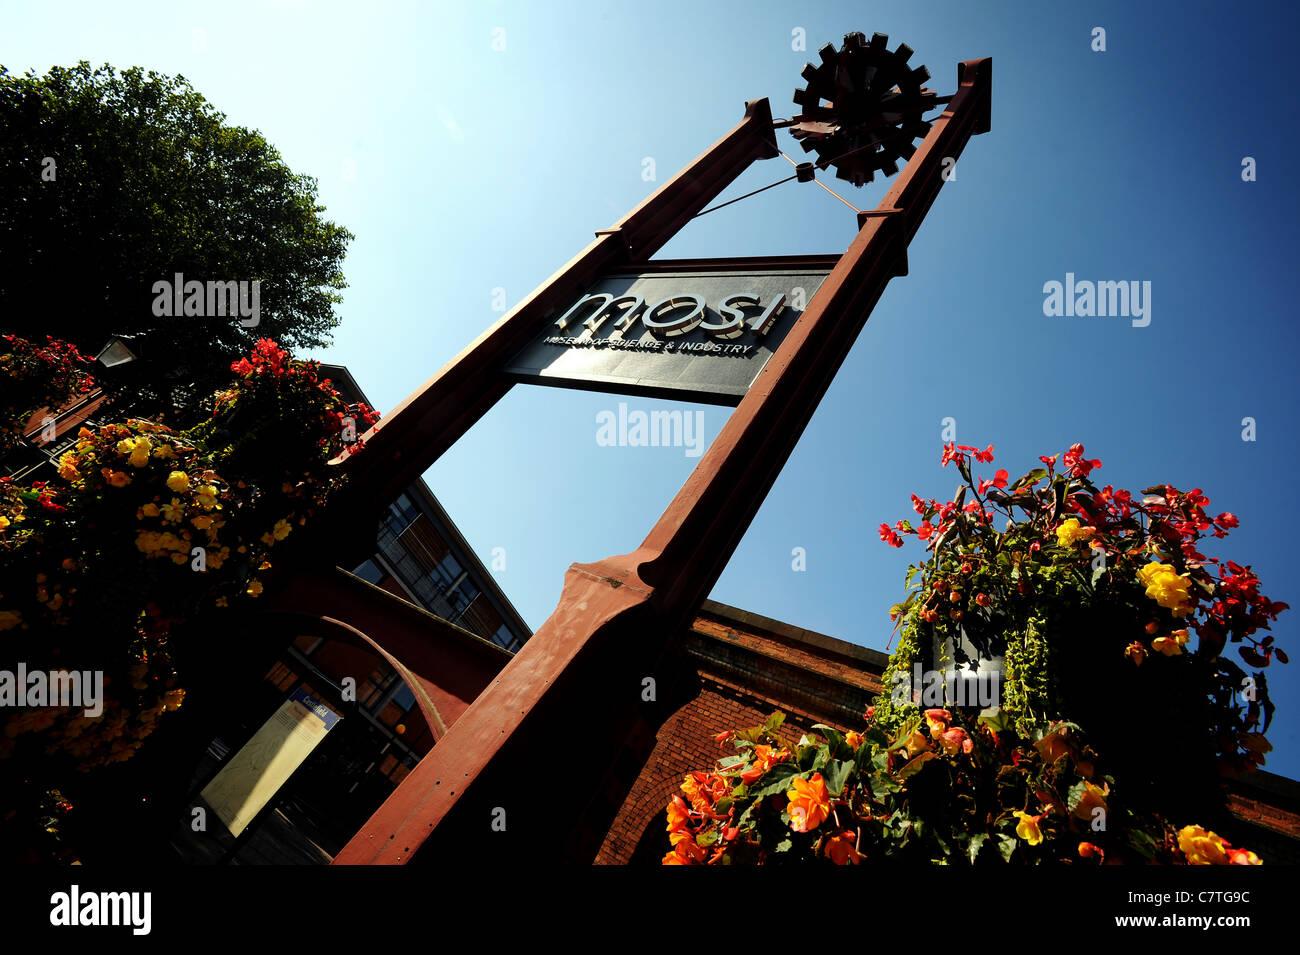 Le Musée des sciences et de l'industrie, Manchester, Angleterre. Photo par Paul Heyes, mercredi 28 septembre Photo Stock